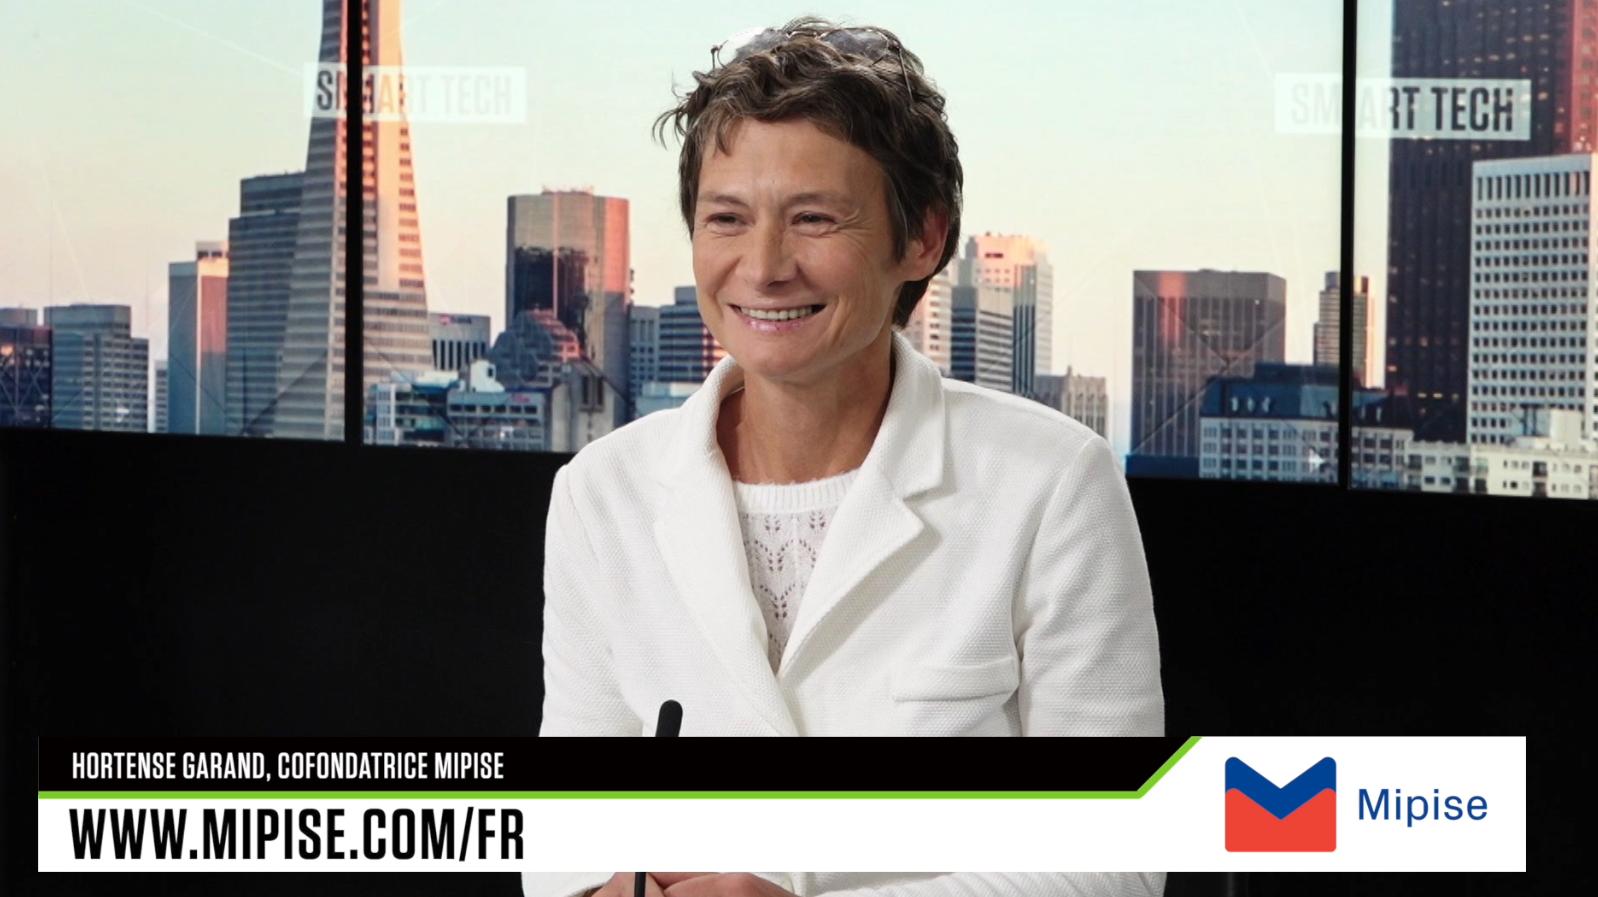 Entretien avec Hortense Garand : la transition digitale au cœur de la finance alternative